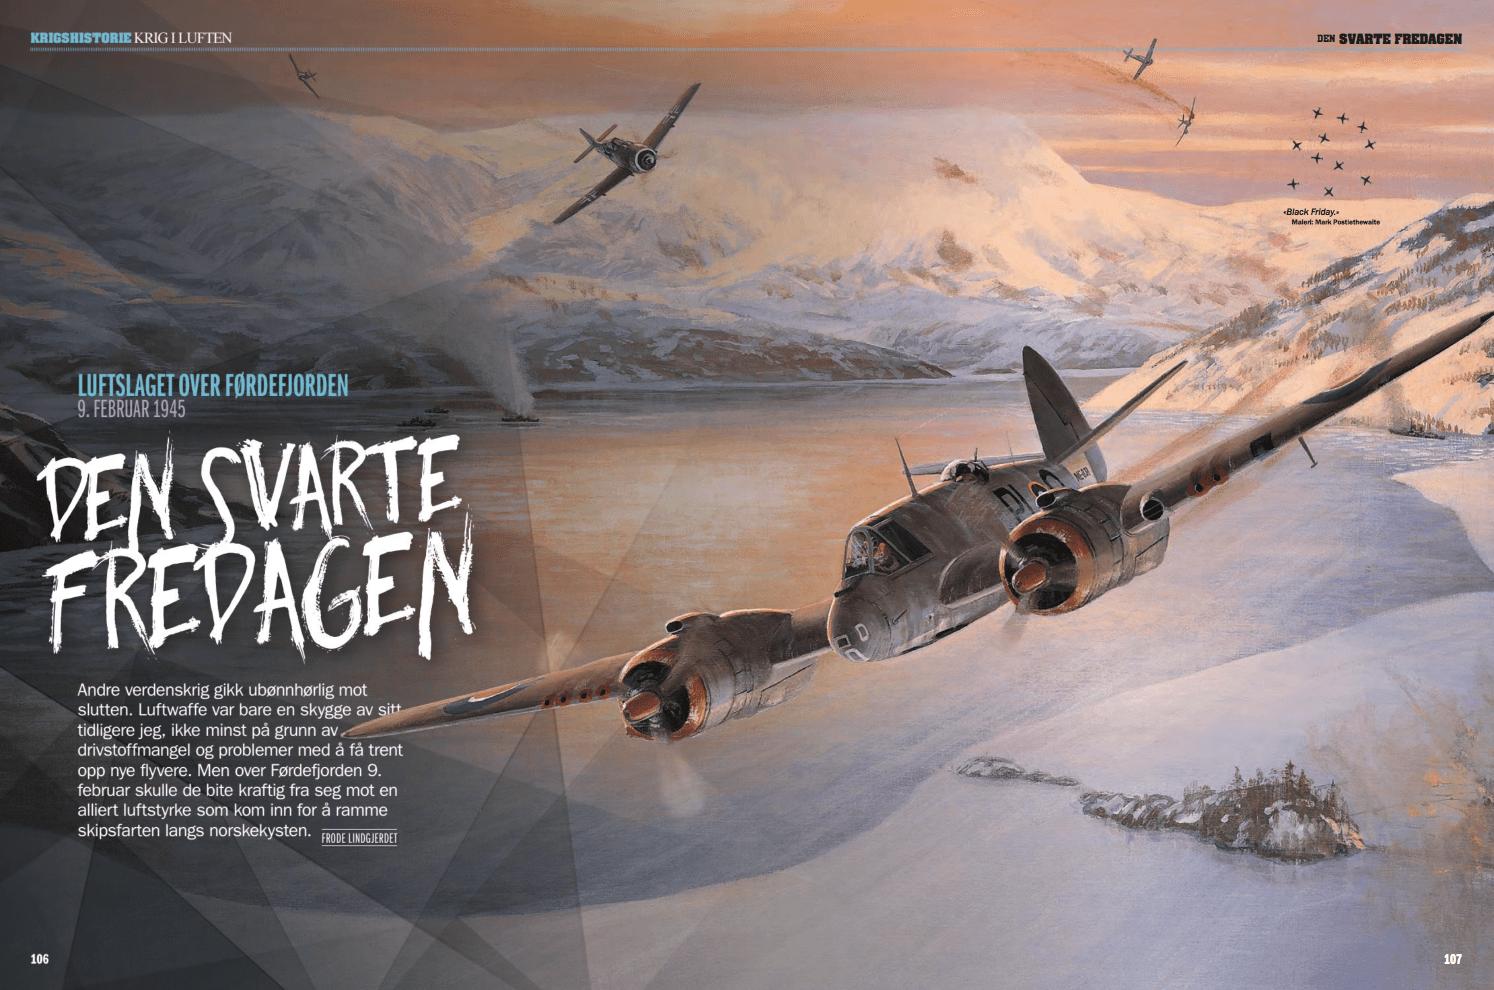 Den svarte fredagen – luftslaget over Førdefjorden 9. februar 1945, oppslag